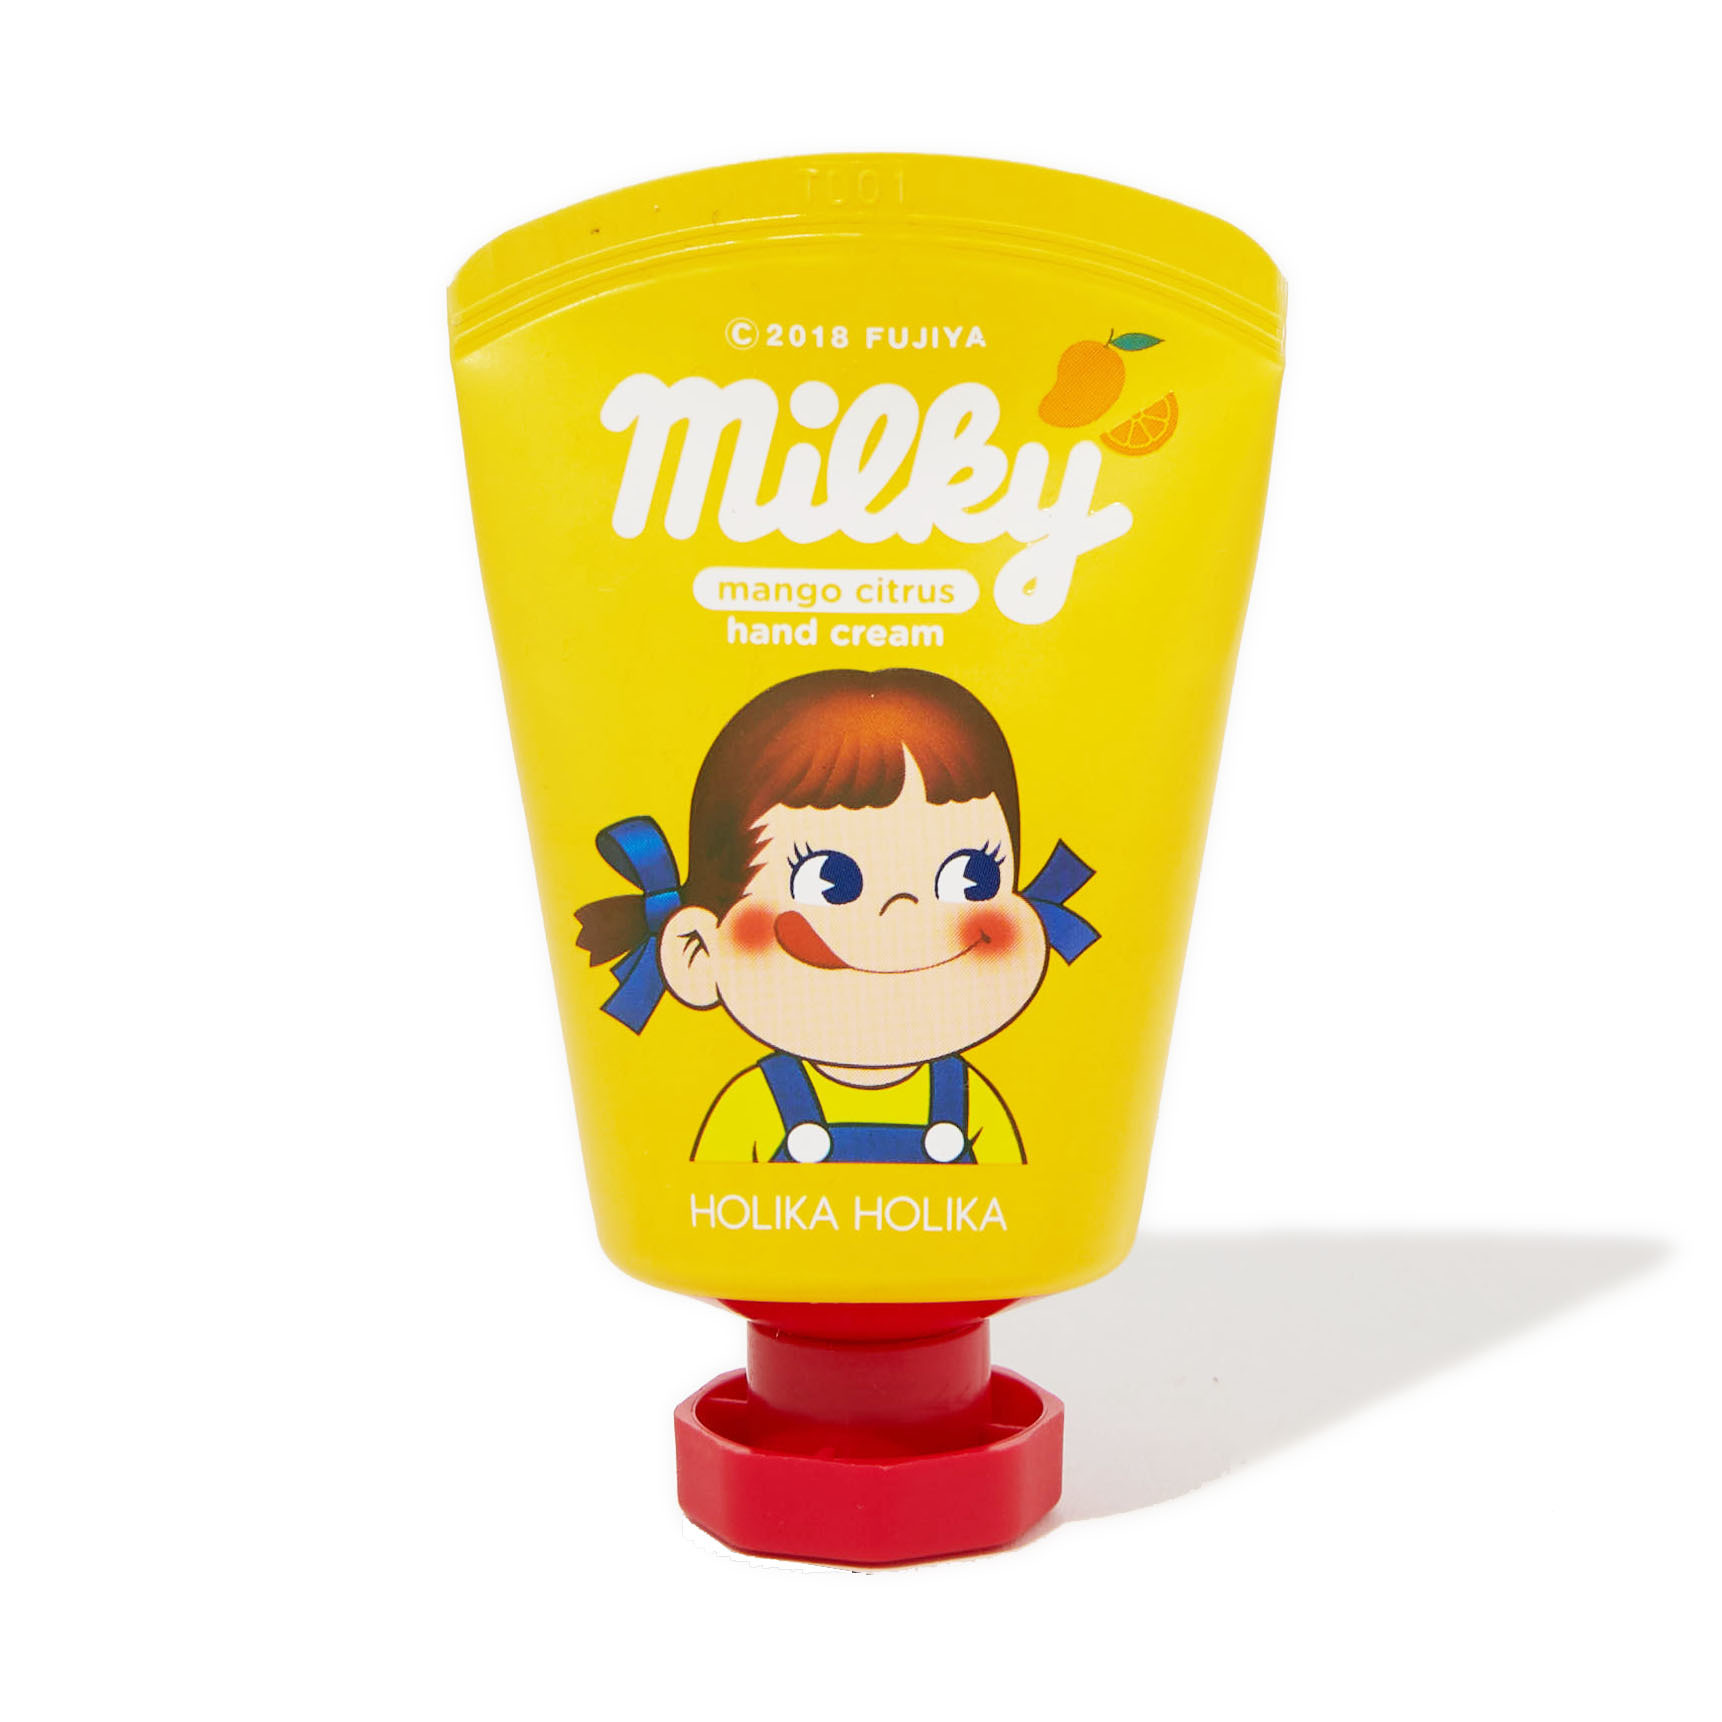 【目的別】おすすめのハンドクリーム25選!ハンドクリームの選び方も紹介の画像